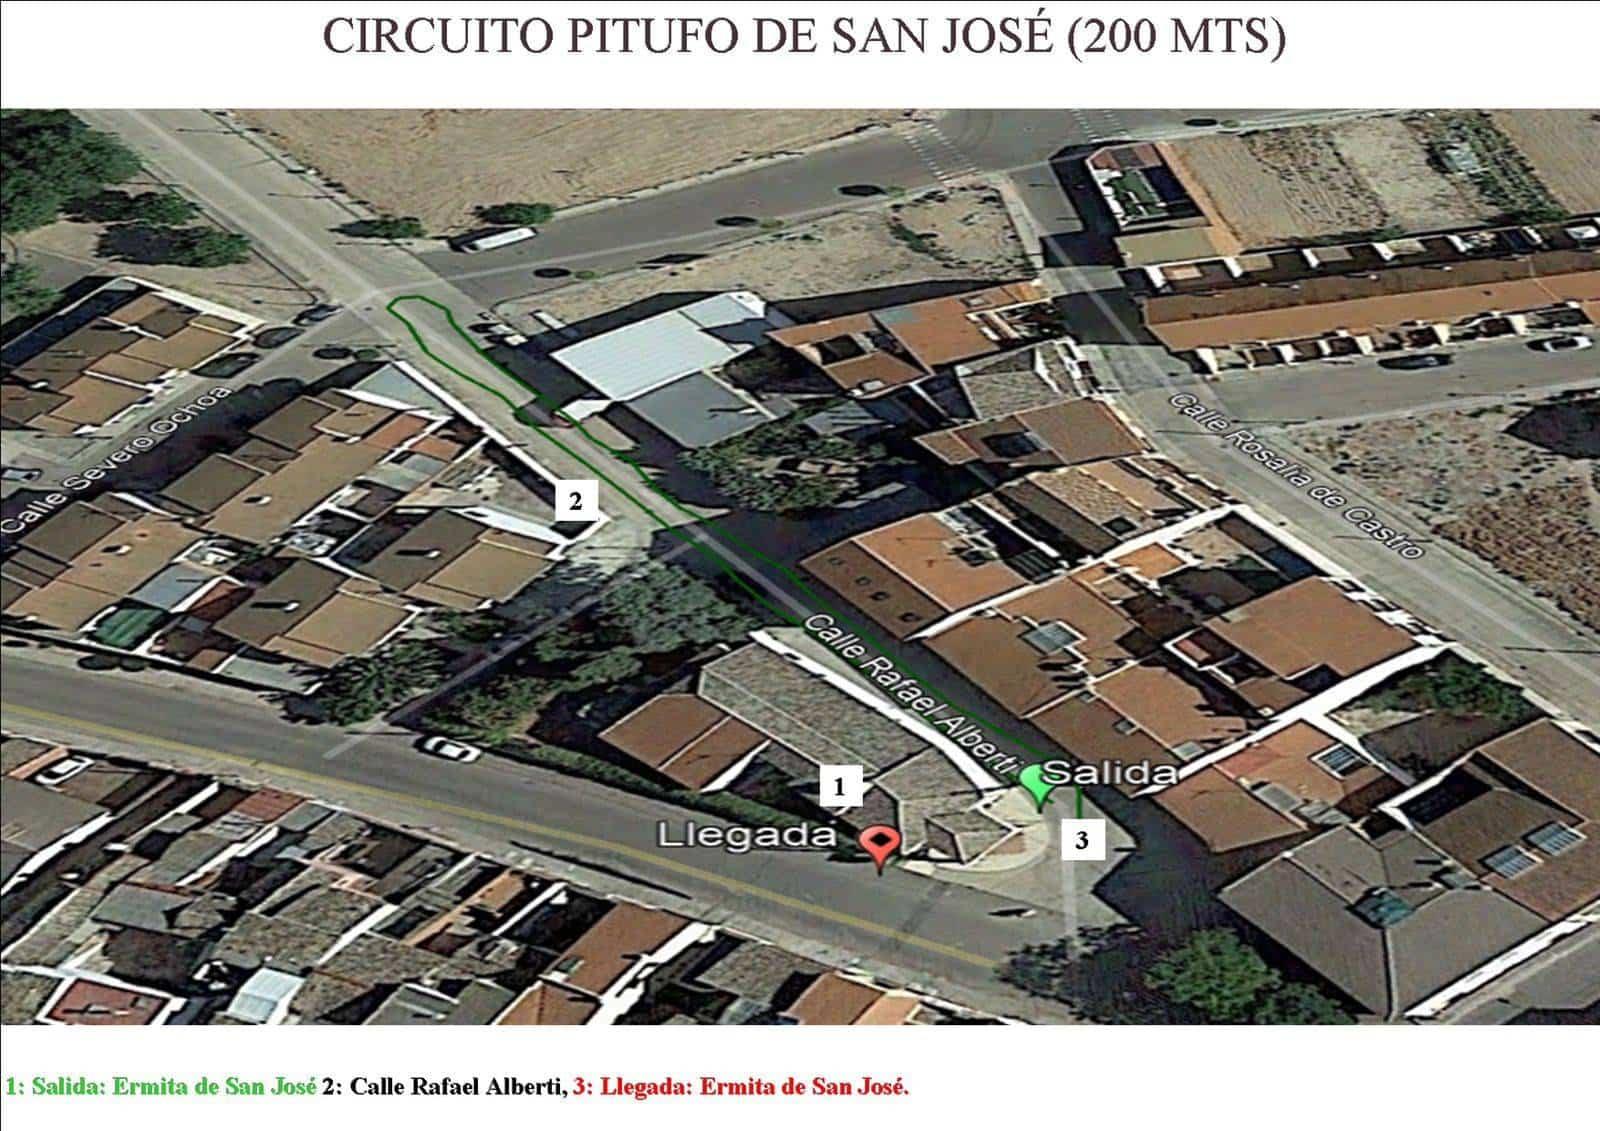 """Circuito Pitufo marcha benefica herencia - I Marcha Benéfica """"Deja tu Huella"""" de San José en Herencia"""